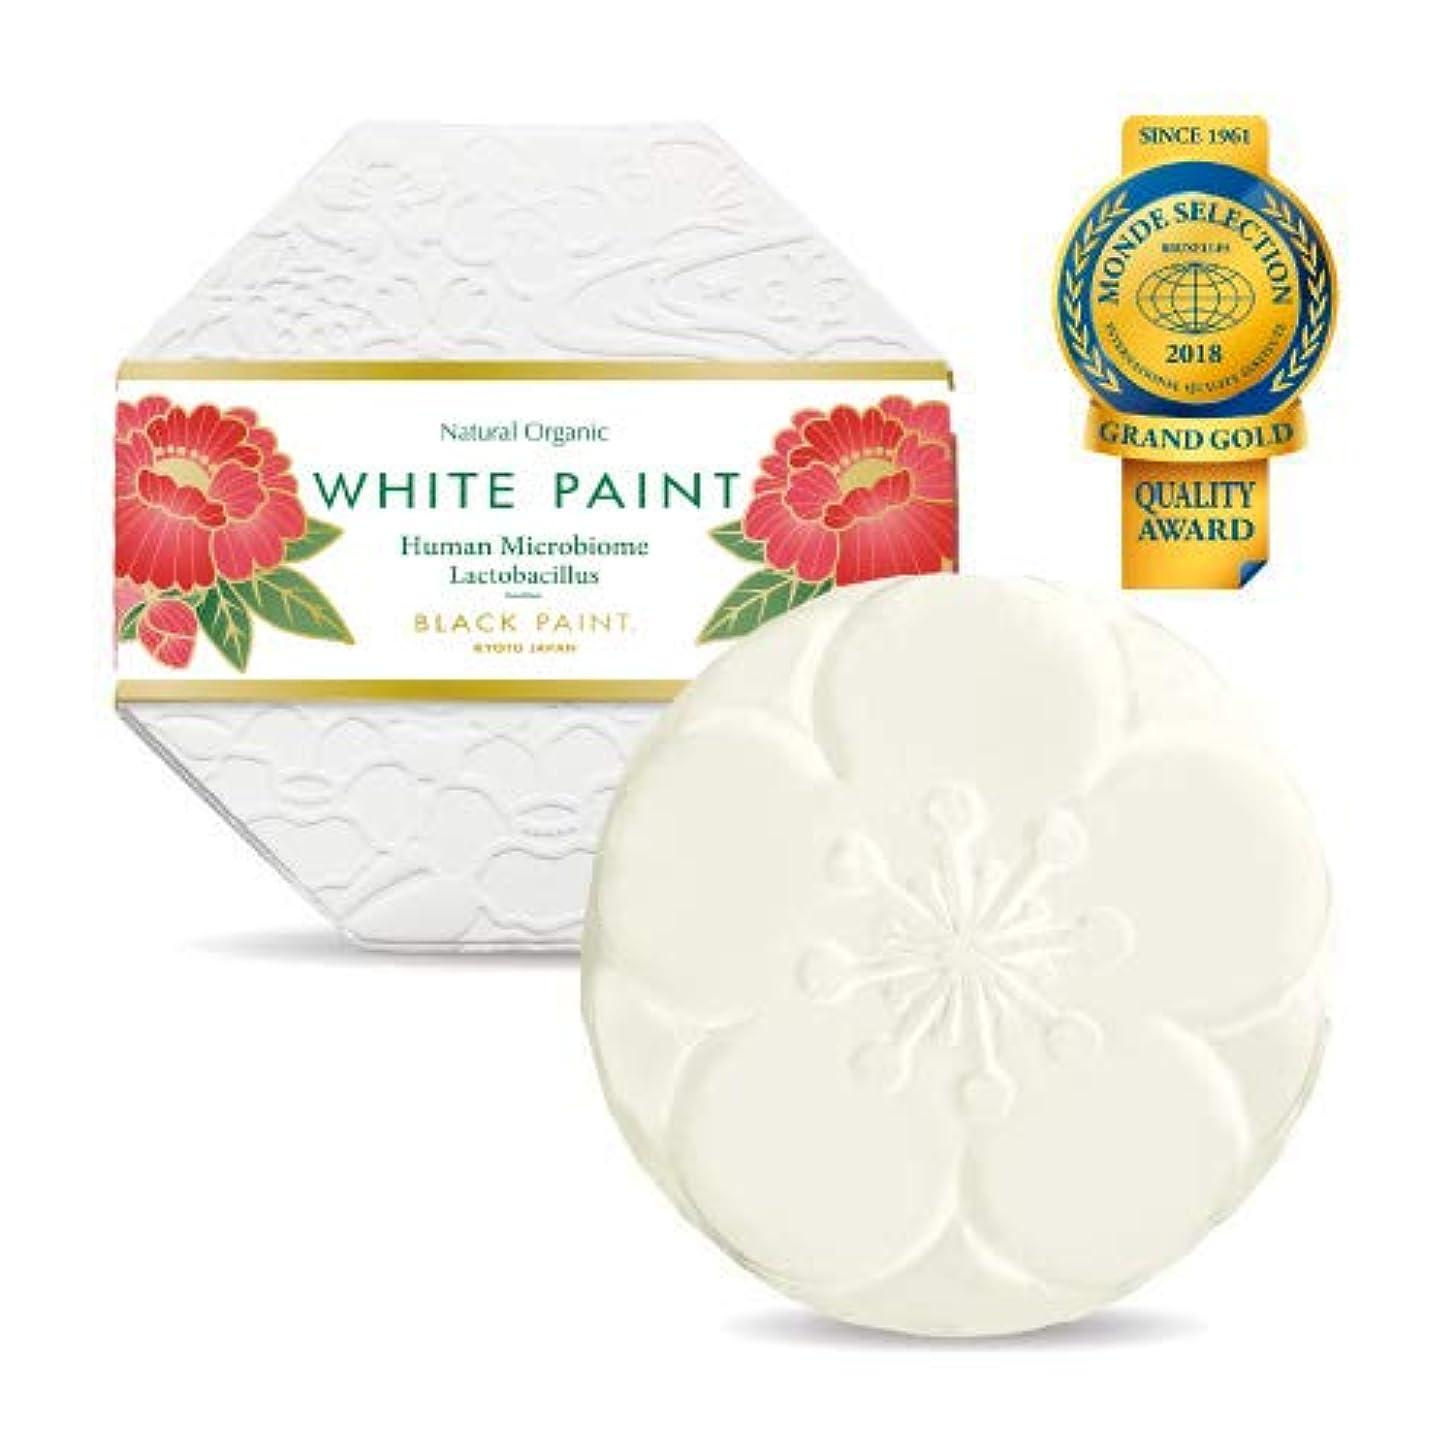 忙しい症候群テレックスプレミアム ホワイトペイント 120g 塗る洗顔 石鹸 無添加 国産 …